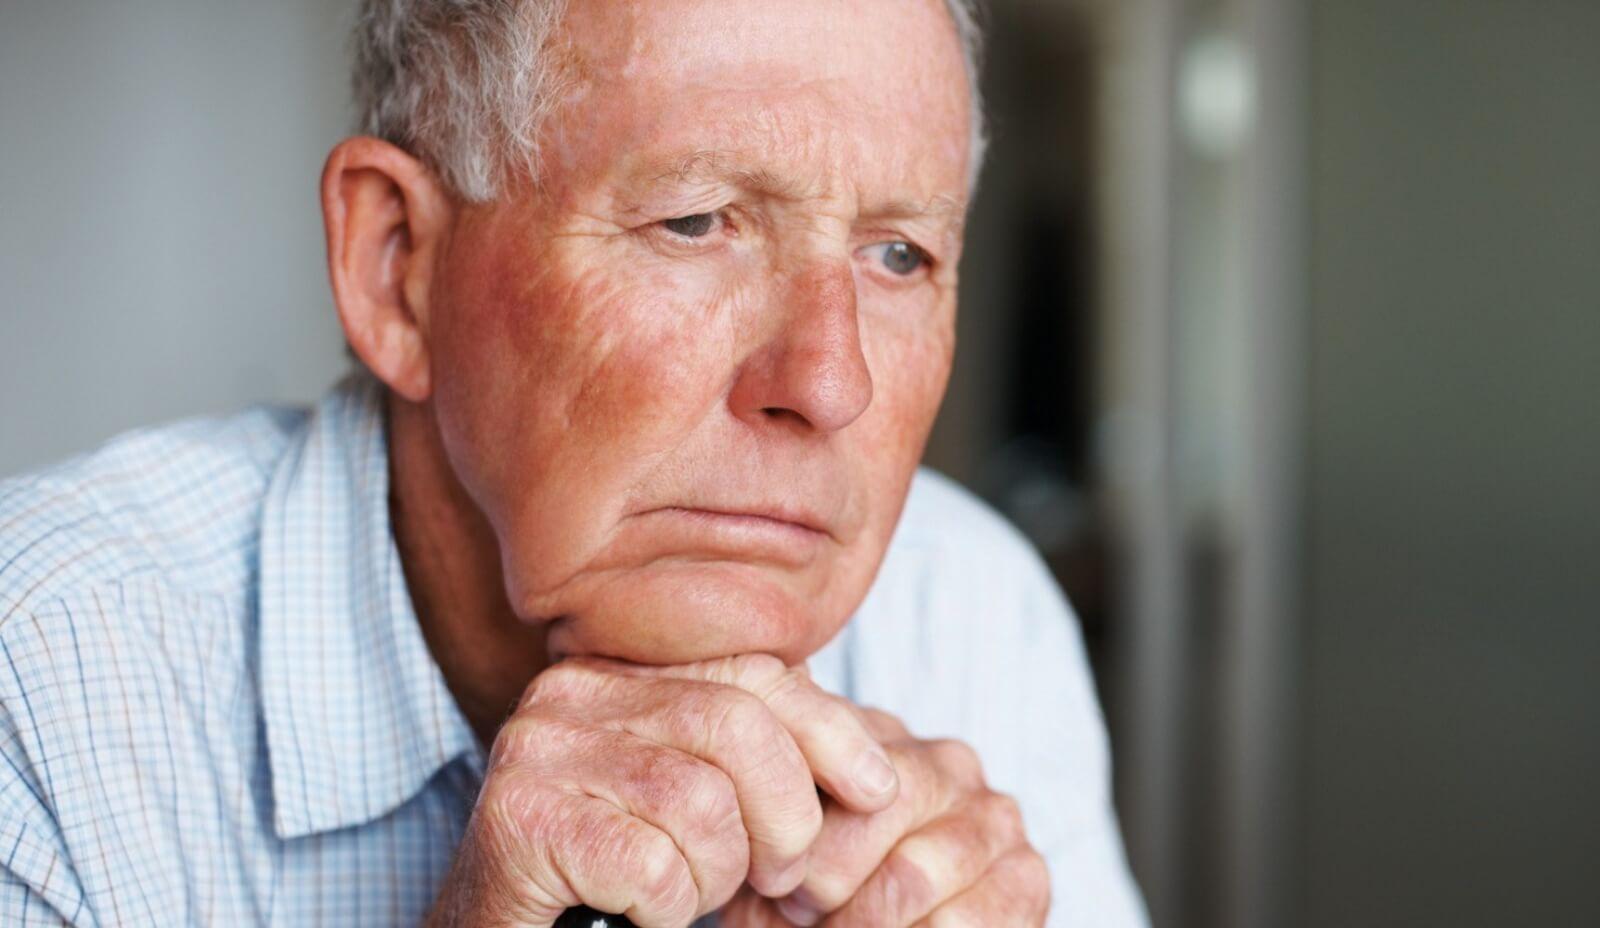 ЛФК, питание, образ жизни, физиотерапия и таблетки от Паркинсона